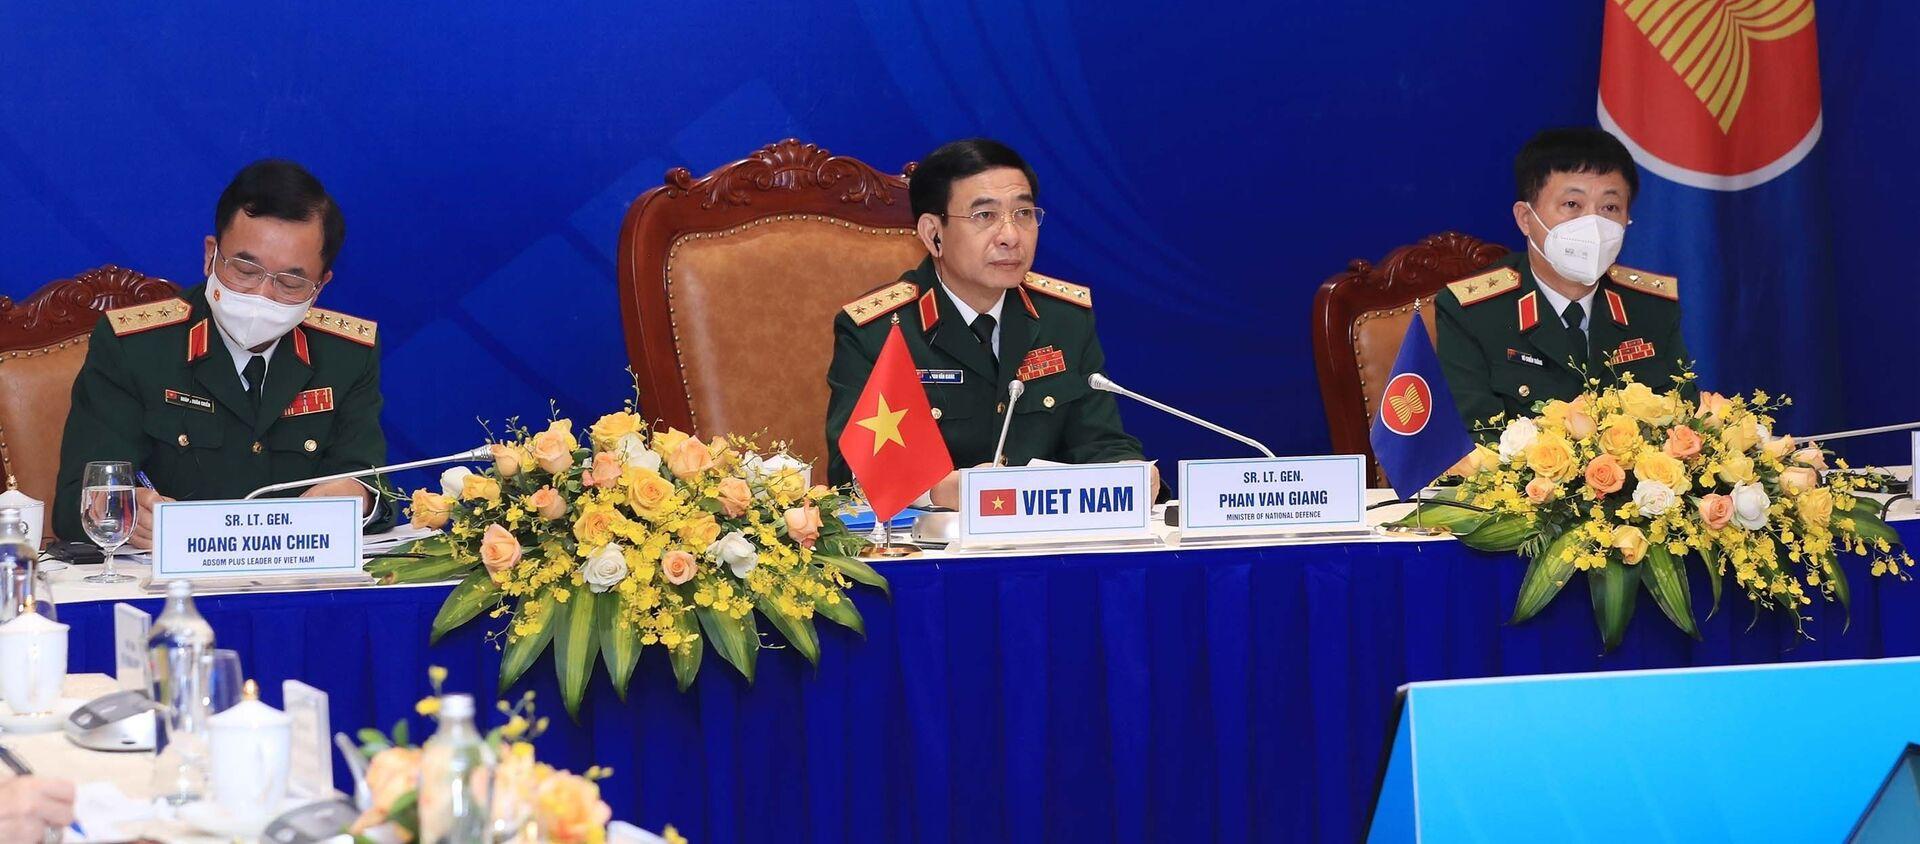 Thượng tướng Phan Văn Giang dự Hội nghị Bộ trưởng Quốc phòng các nước ASEAN mở rộng (ADMM +) lần thứ 8 - Sputnik Việt Nam, 1920, 16.06.2021